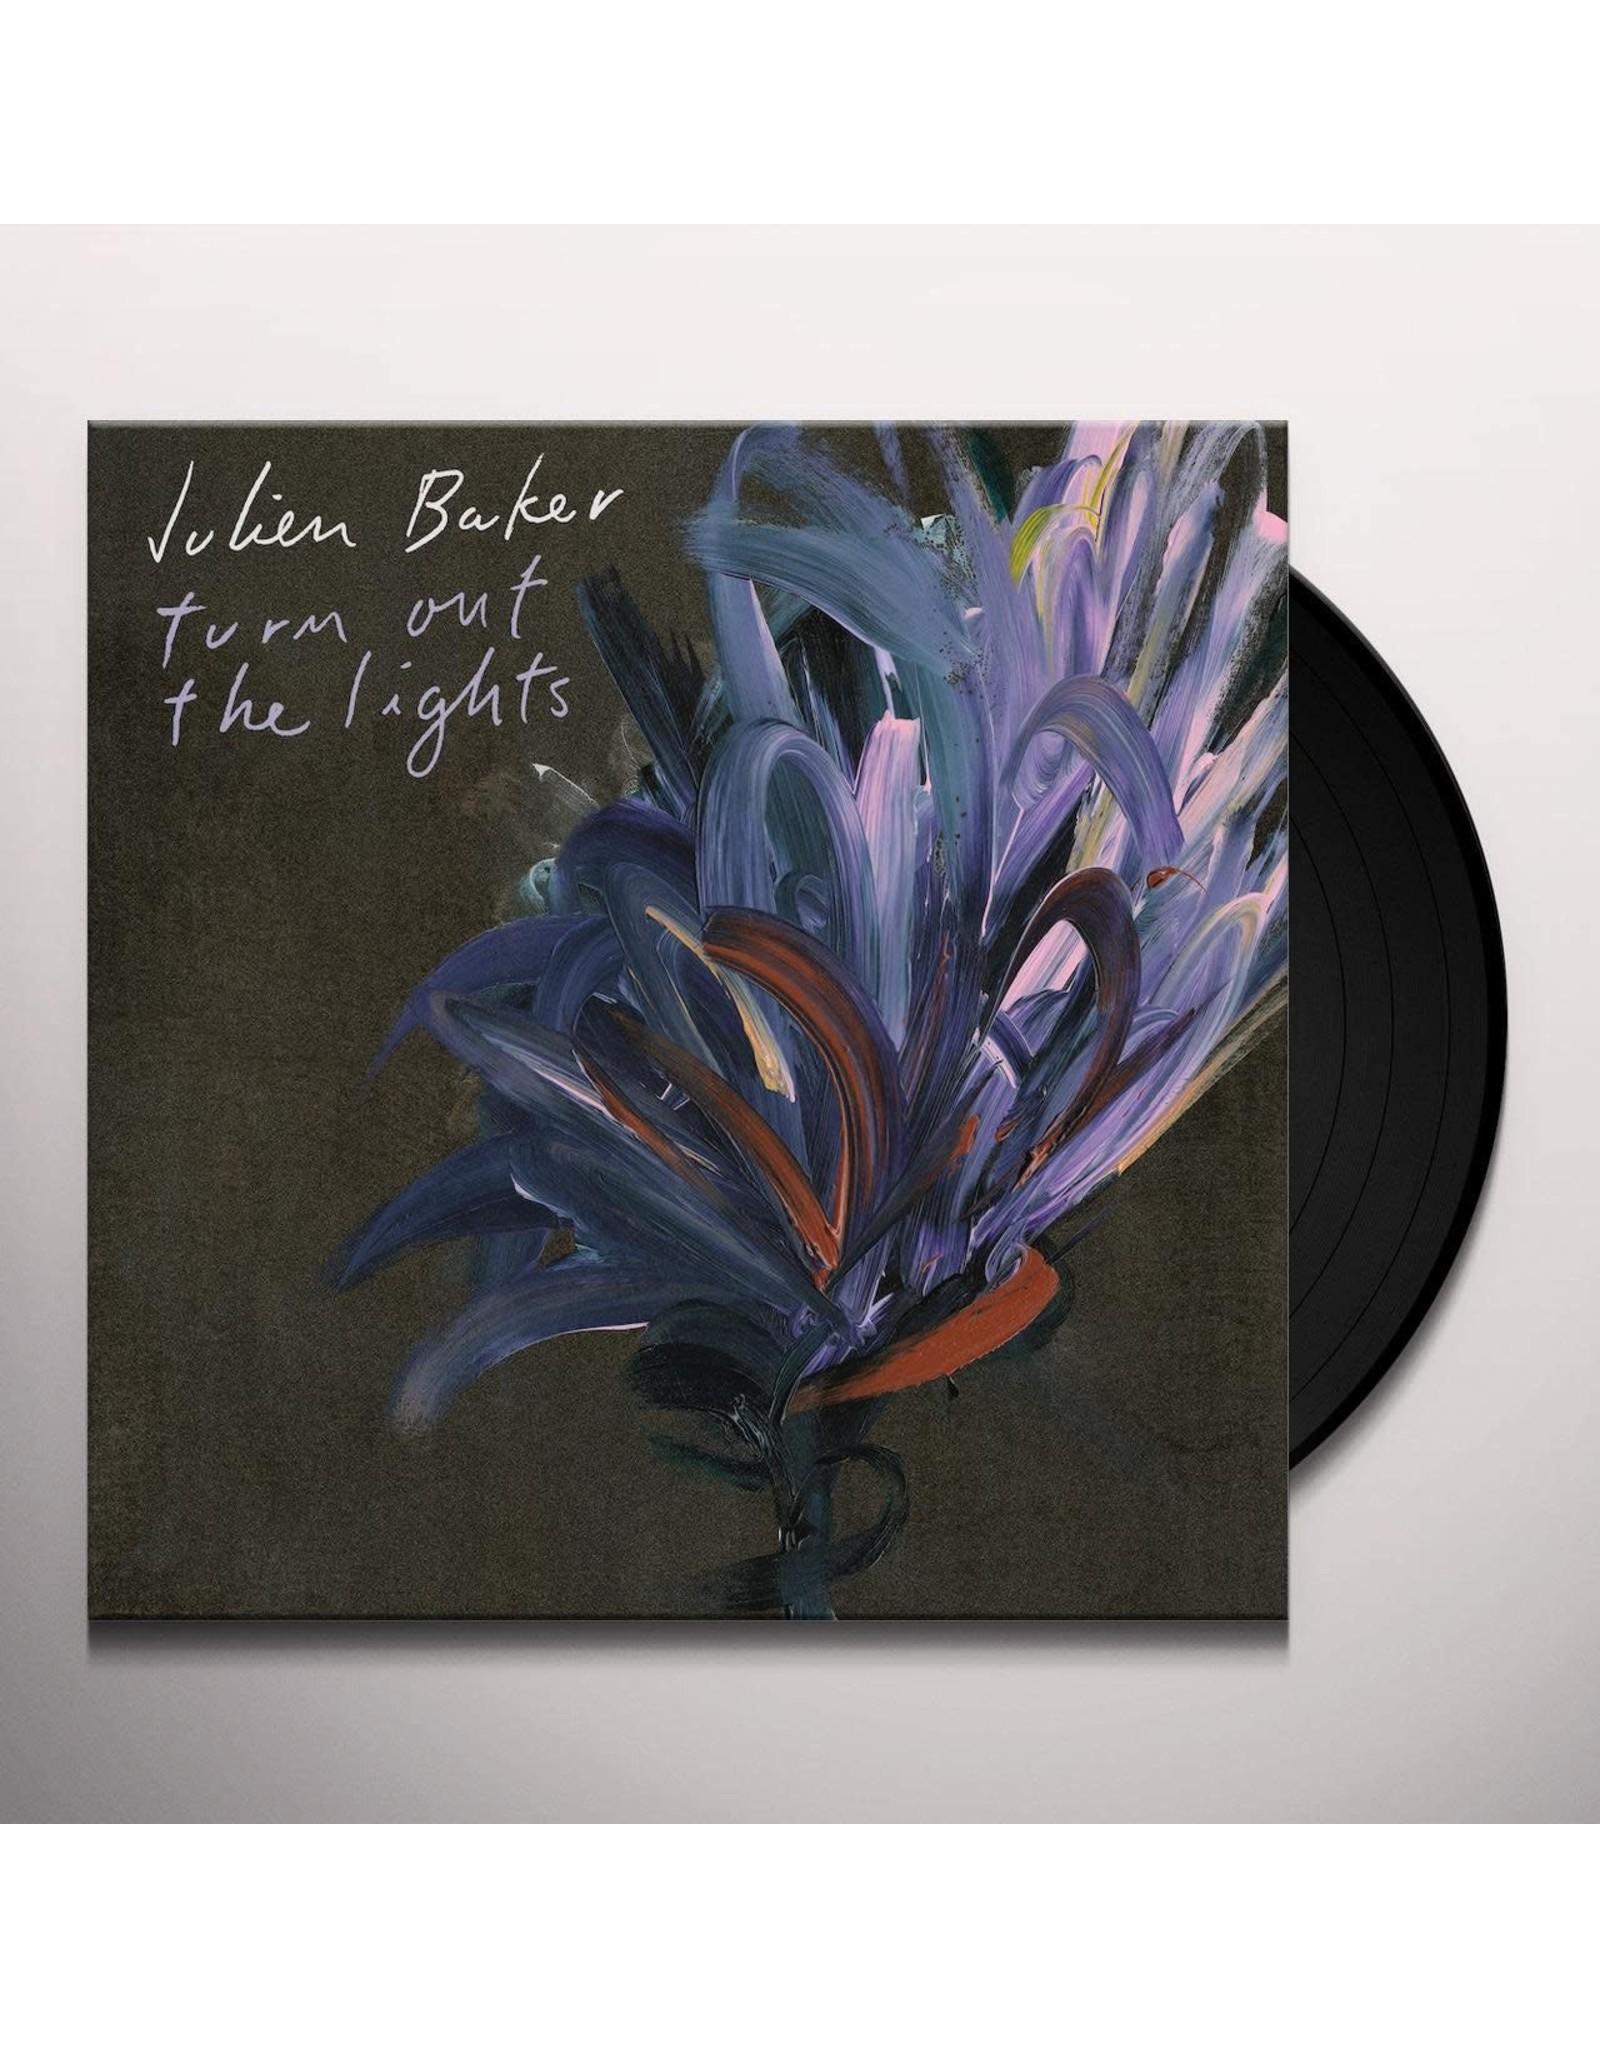 Baker, Julien - Turn Out the Lights (Ltd. Translucent Orange) LP